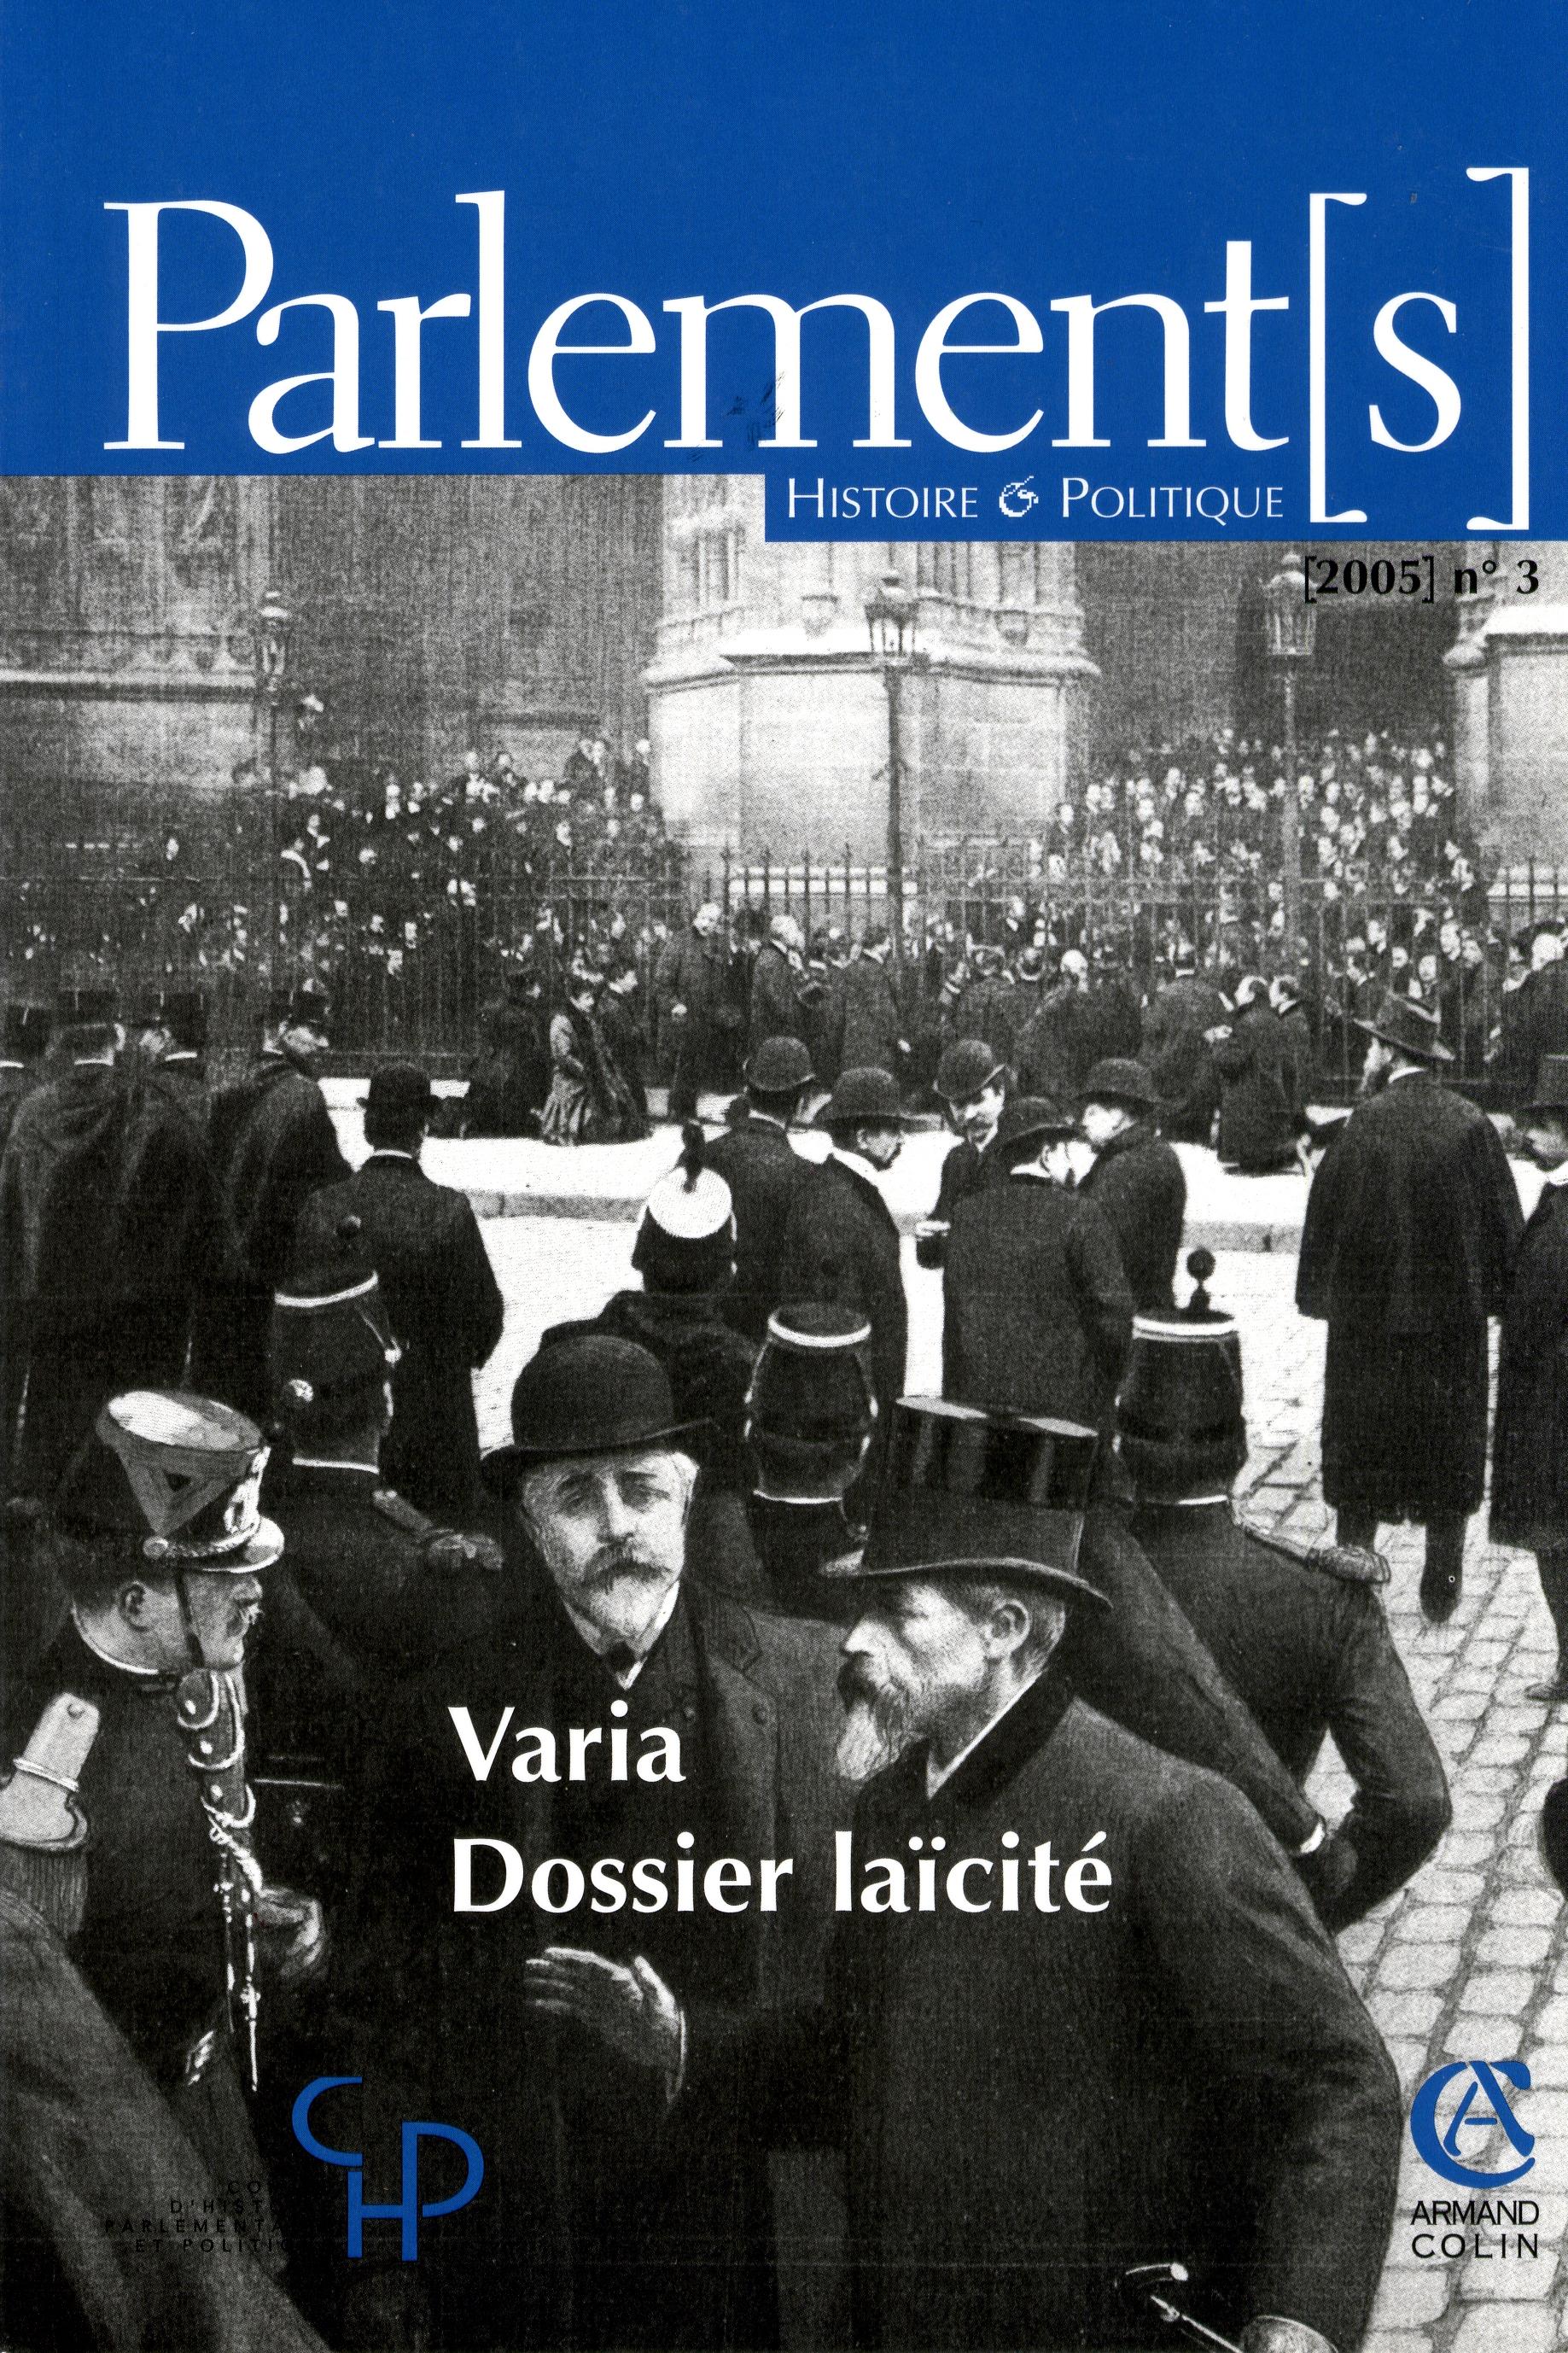 Parlement s revue d 39 histoire politique couvertures en haute d finition - Definition d histoire ...